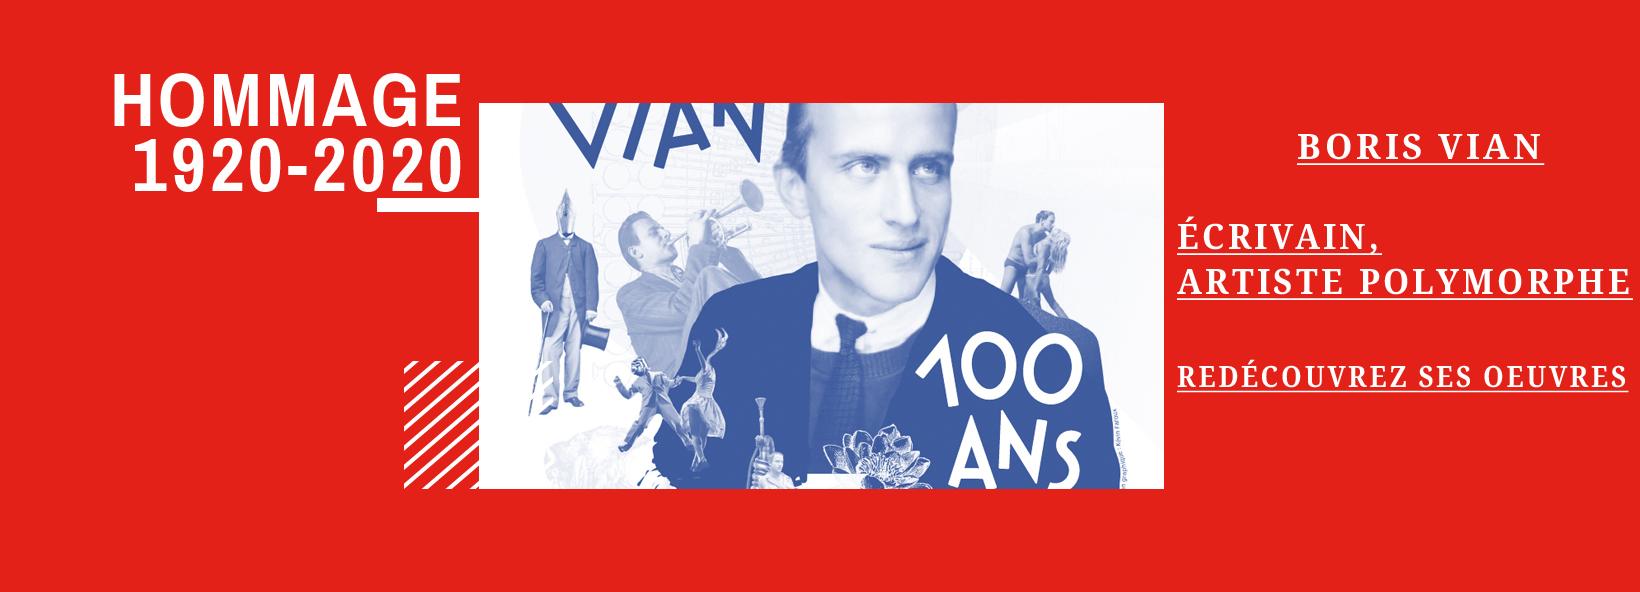 La librairie de Paris aime Le Centenaire de Boris Vian !